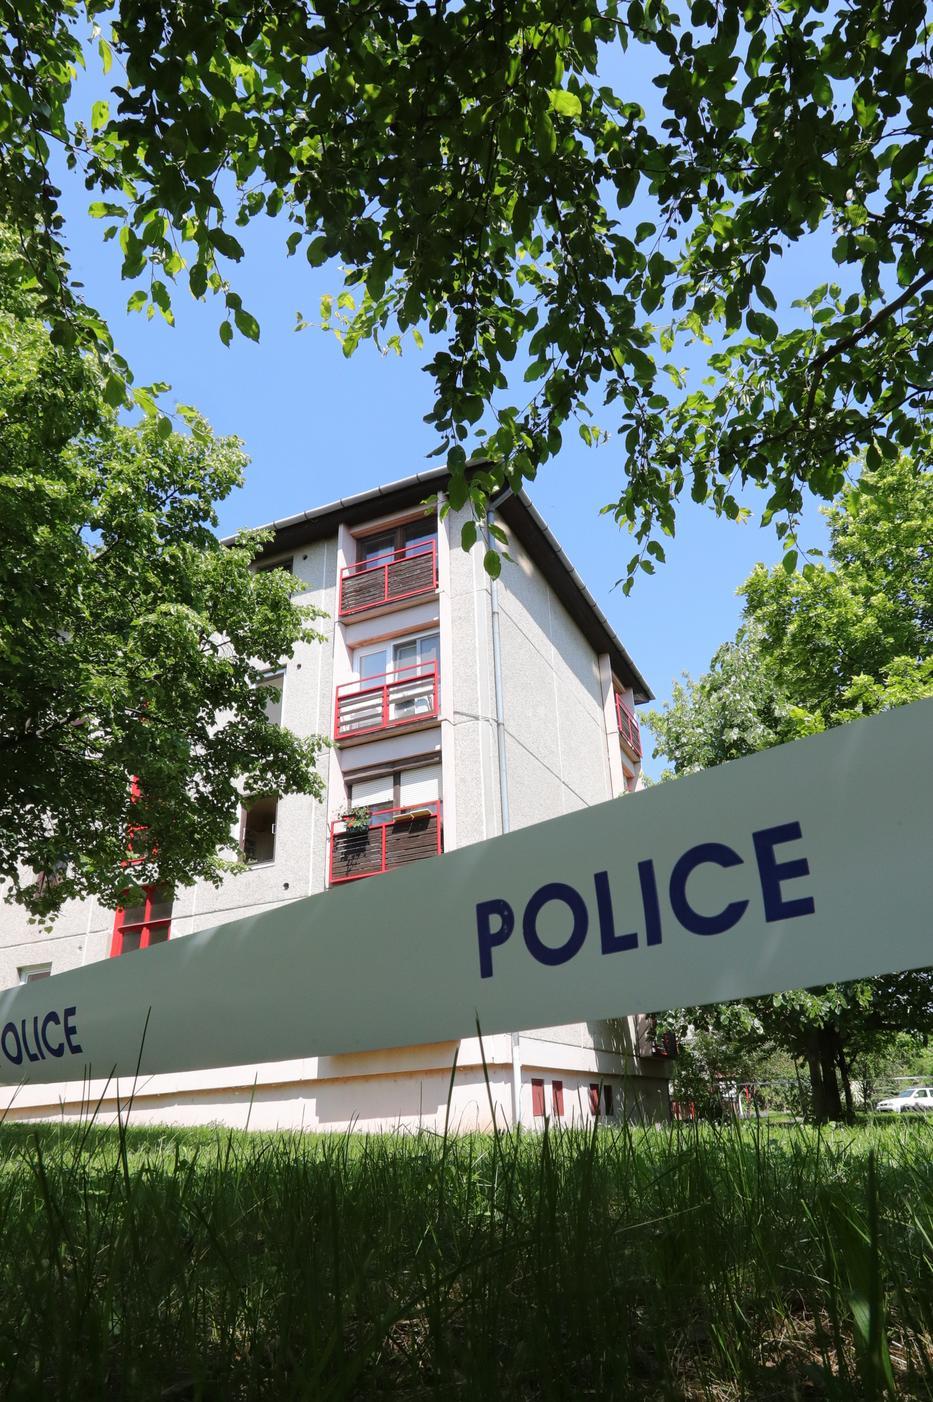 A negyedik emeleti lakás ablakából esett ki a kislány, akit már nem tudtak megmenteni a kórházban  Fotó: Grnák László